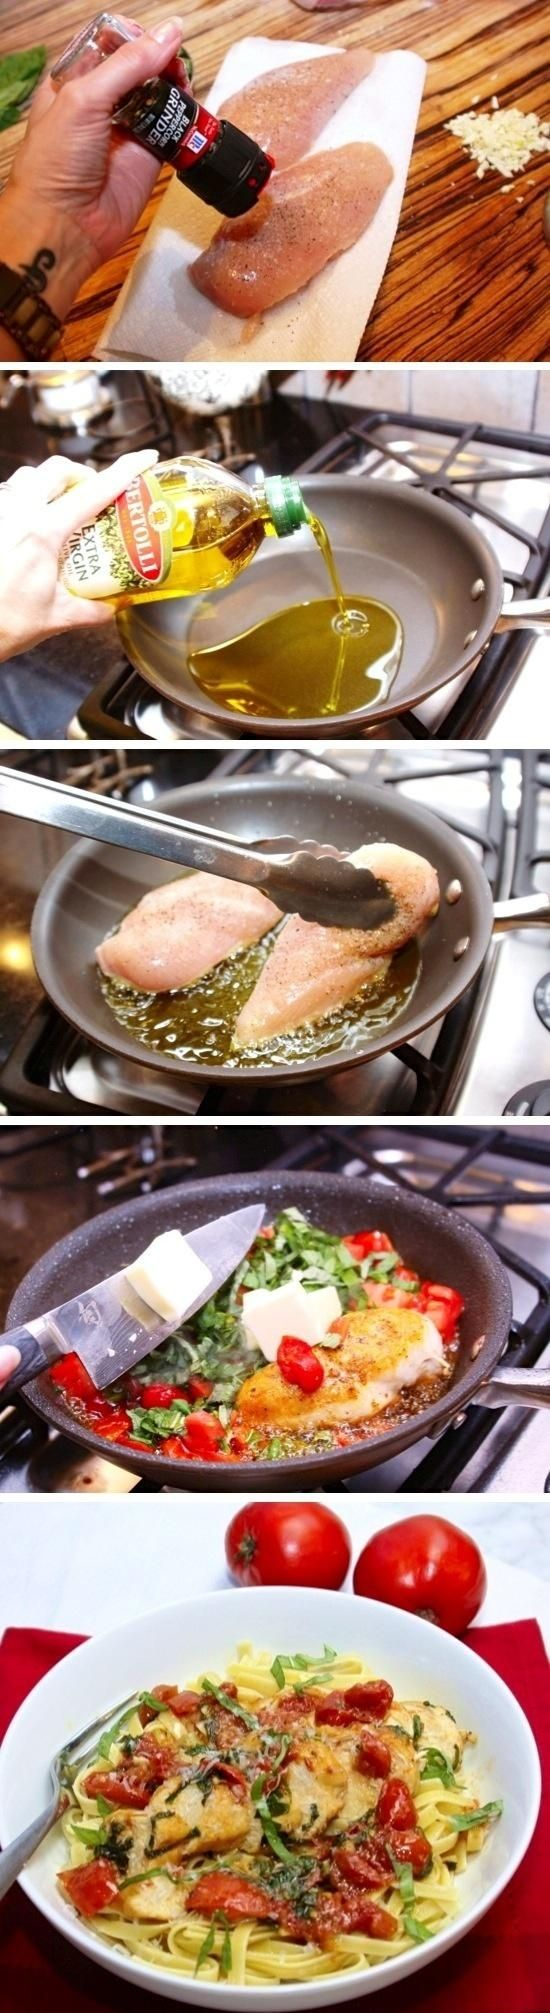 Tomato Basil Chicken. NOM